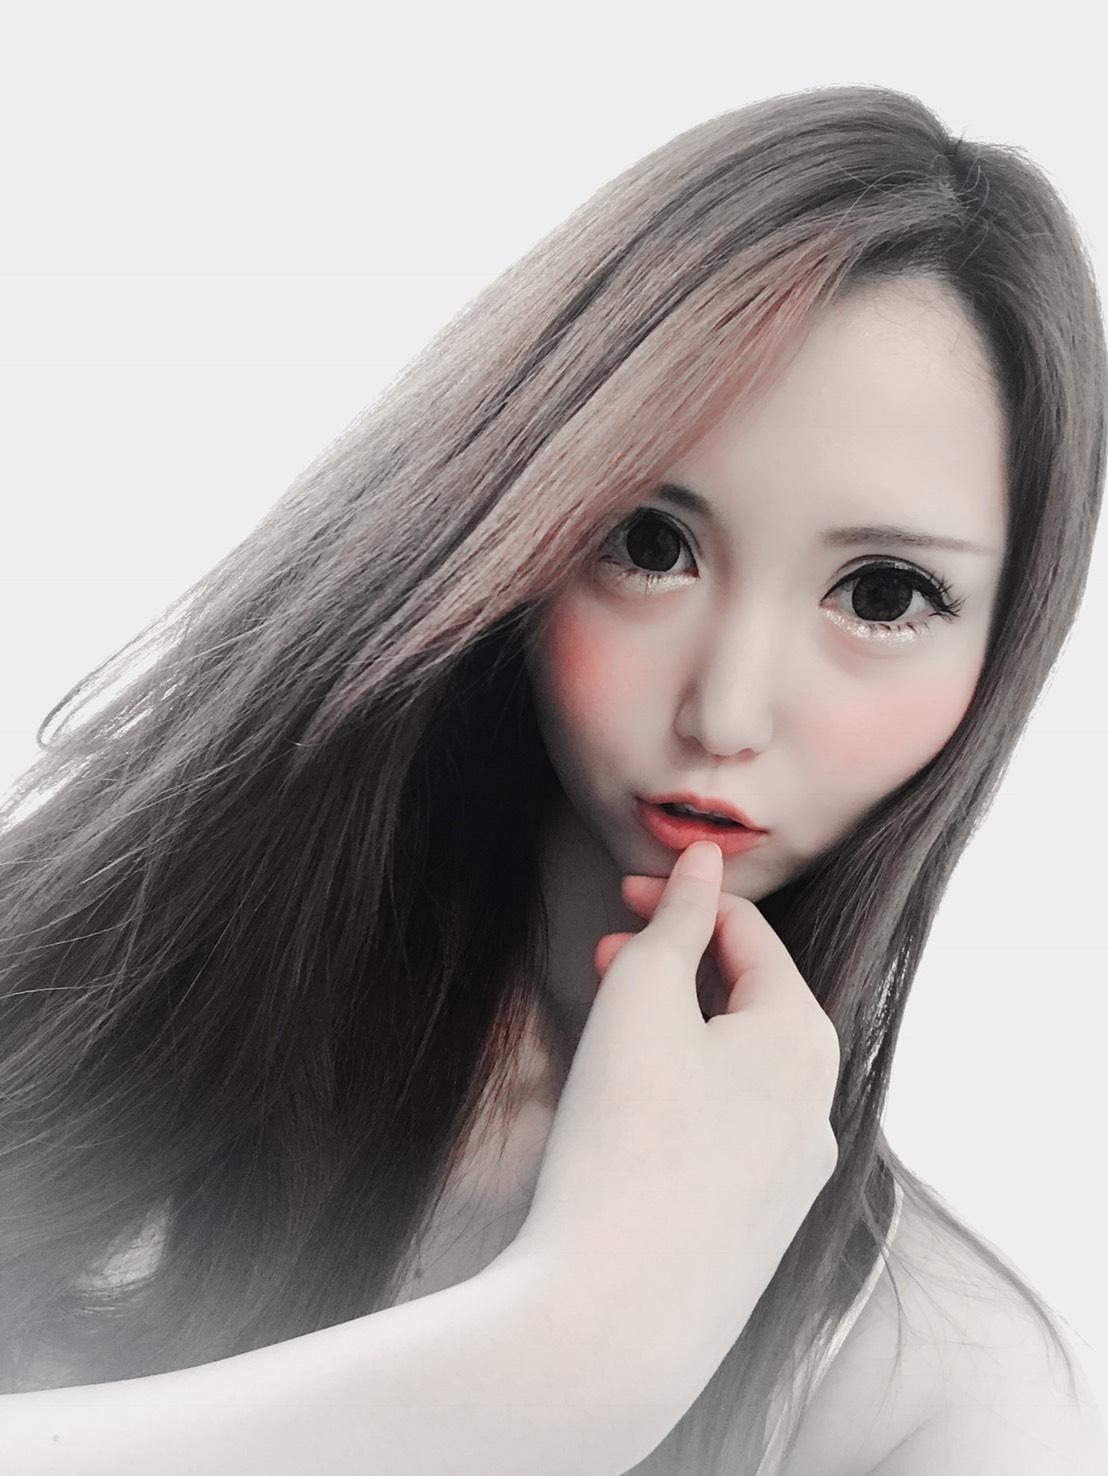 「おはよう♪」11/19(11/19) 14:33   川崎 みれいの写メ・風俗動画